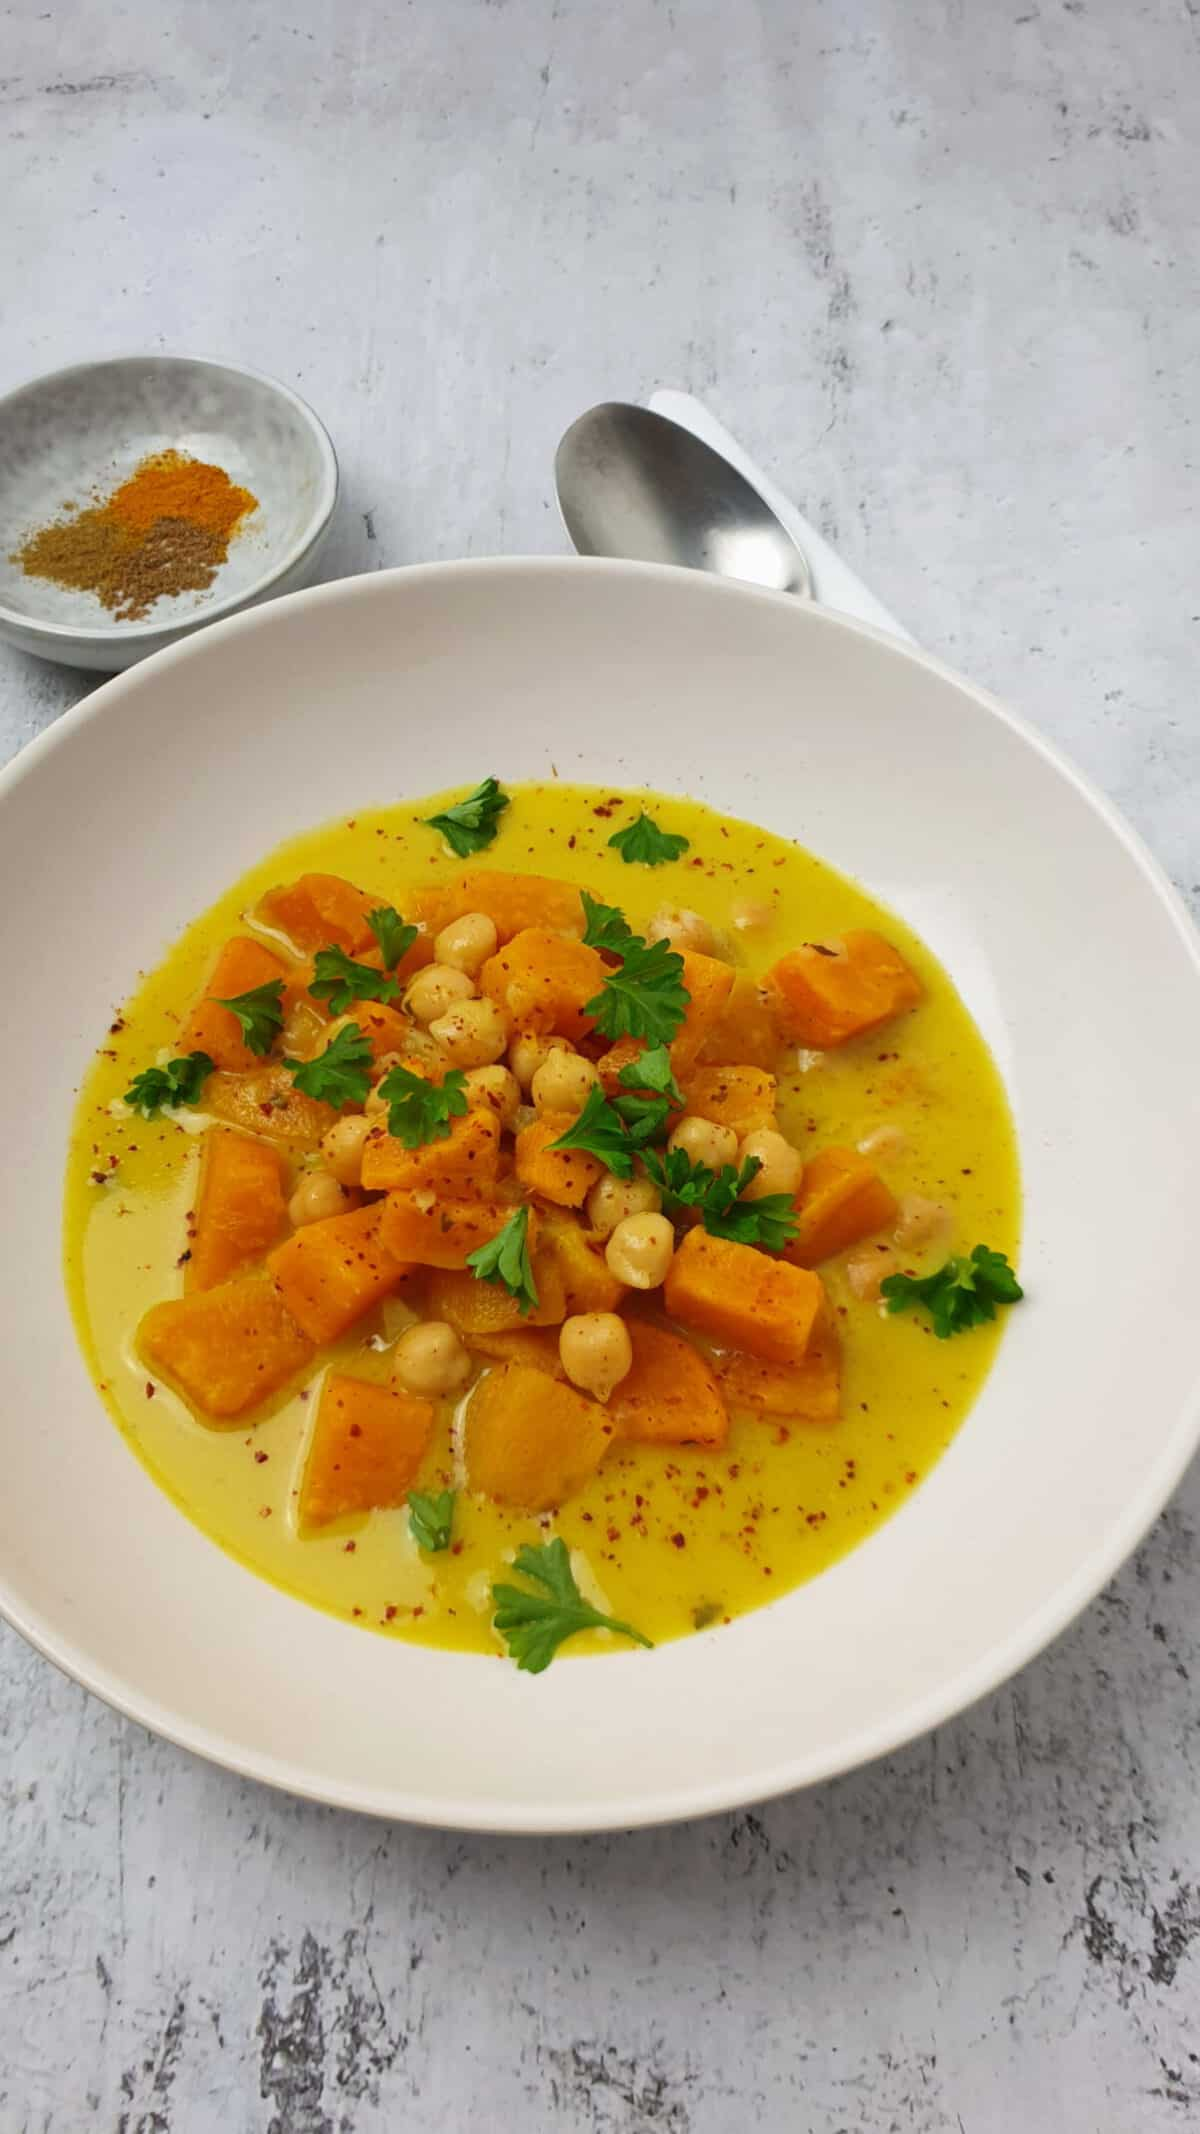 Süßkartoffel-Suppe mit Kichererbsen und Kokosmilch in einer weißen Schale angerichtet.